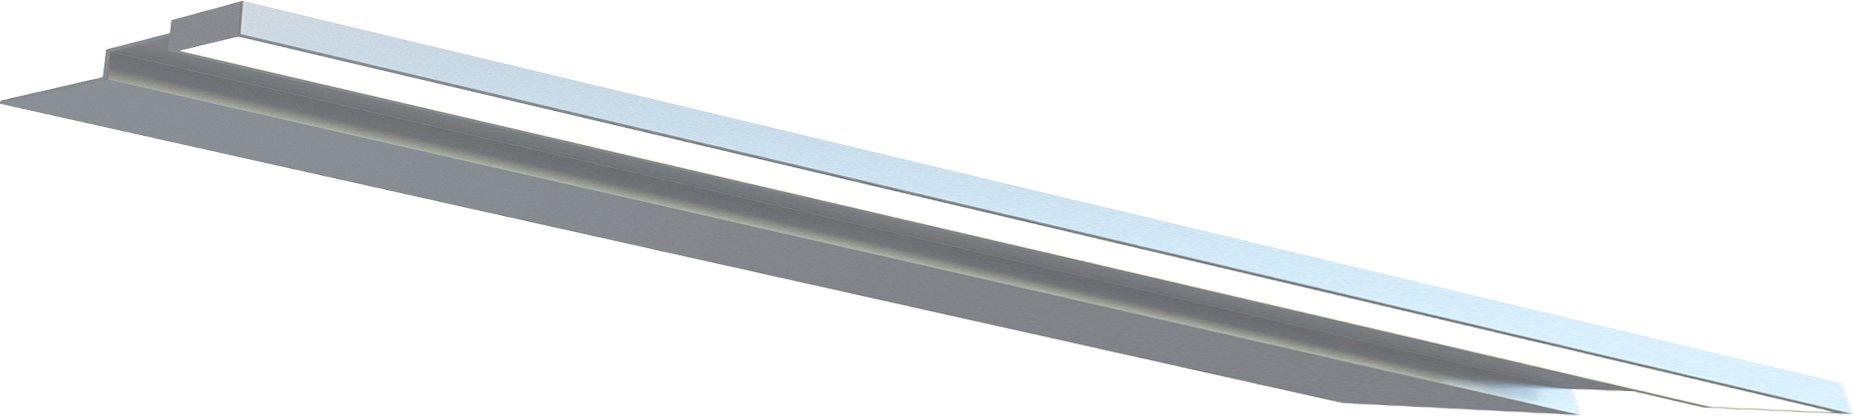 Светильник De Aqua Лонг 119.4 см (SVET 000 120 S)